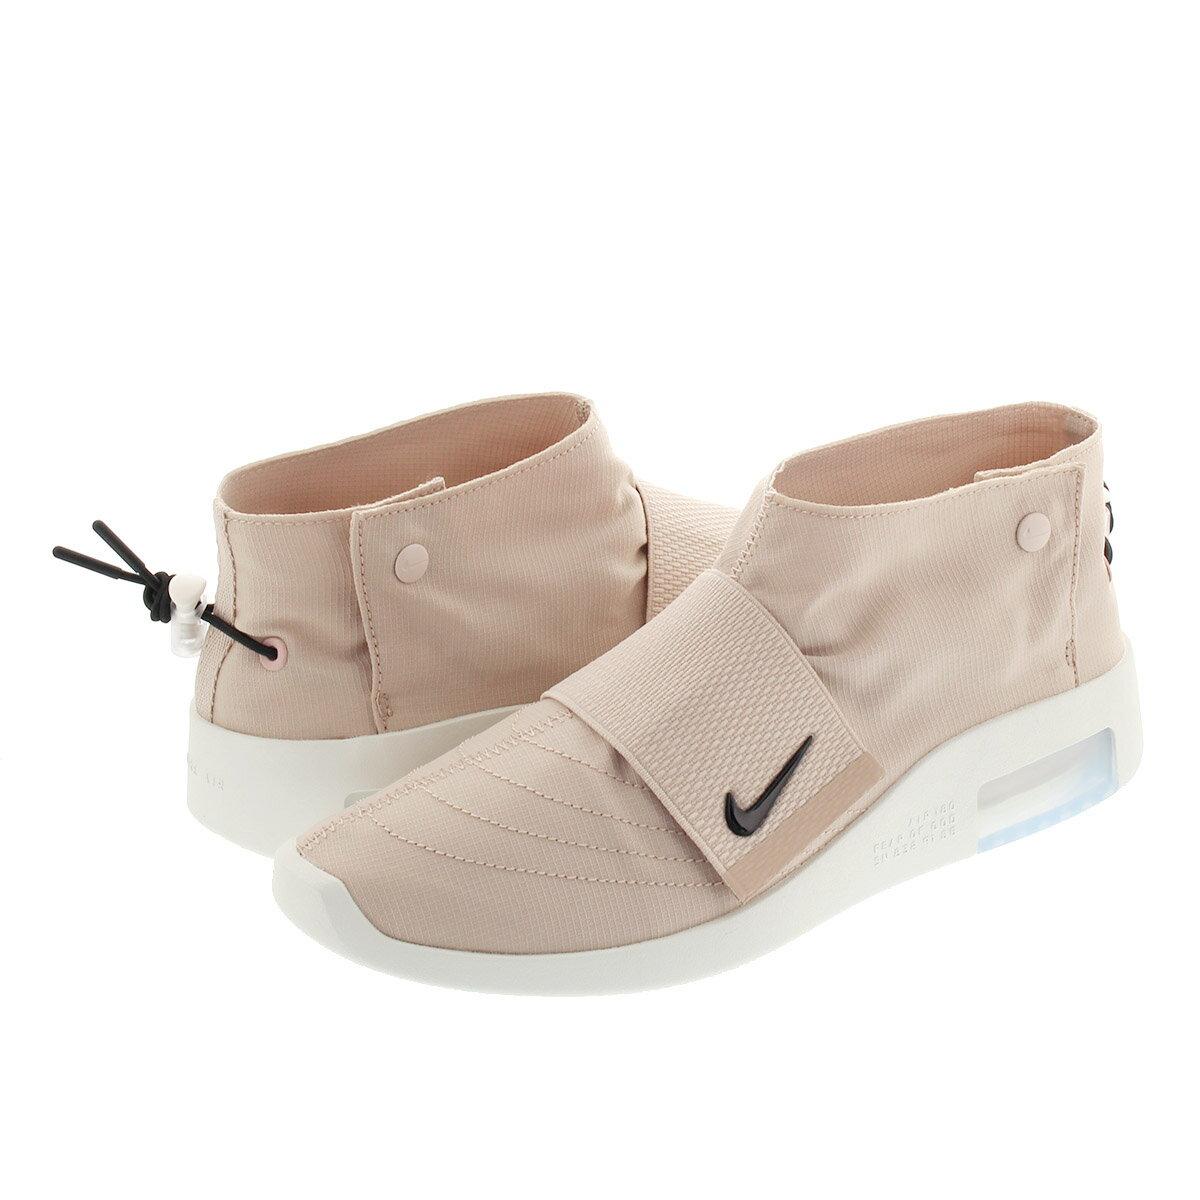 メンズ靴, スニーカー  NIKE AIR FEAR OF GOD MOC PARTICLE BEIGESAILBLACK at8086-200